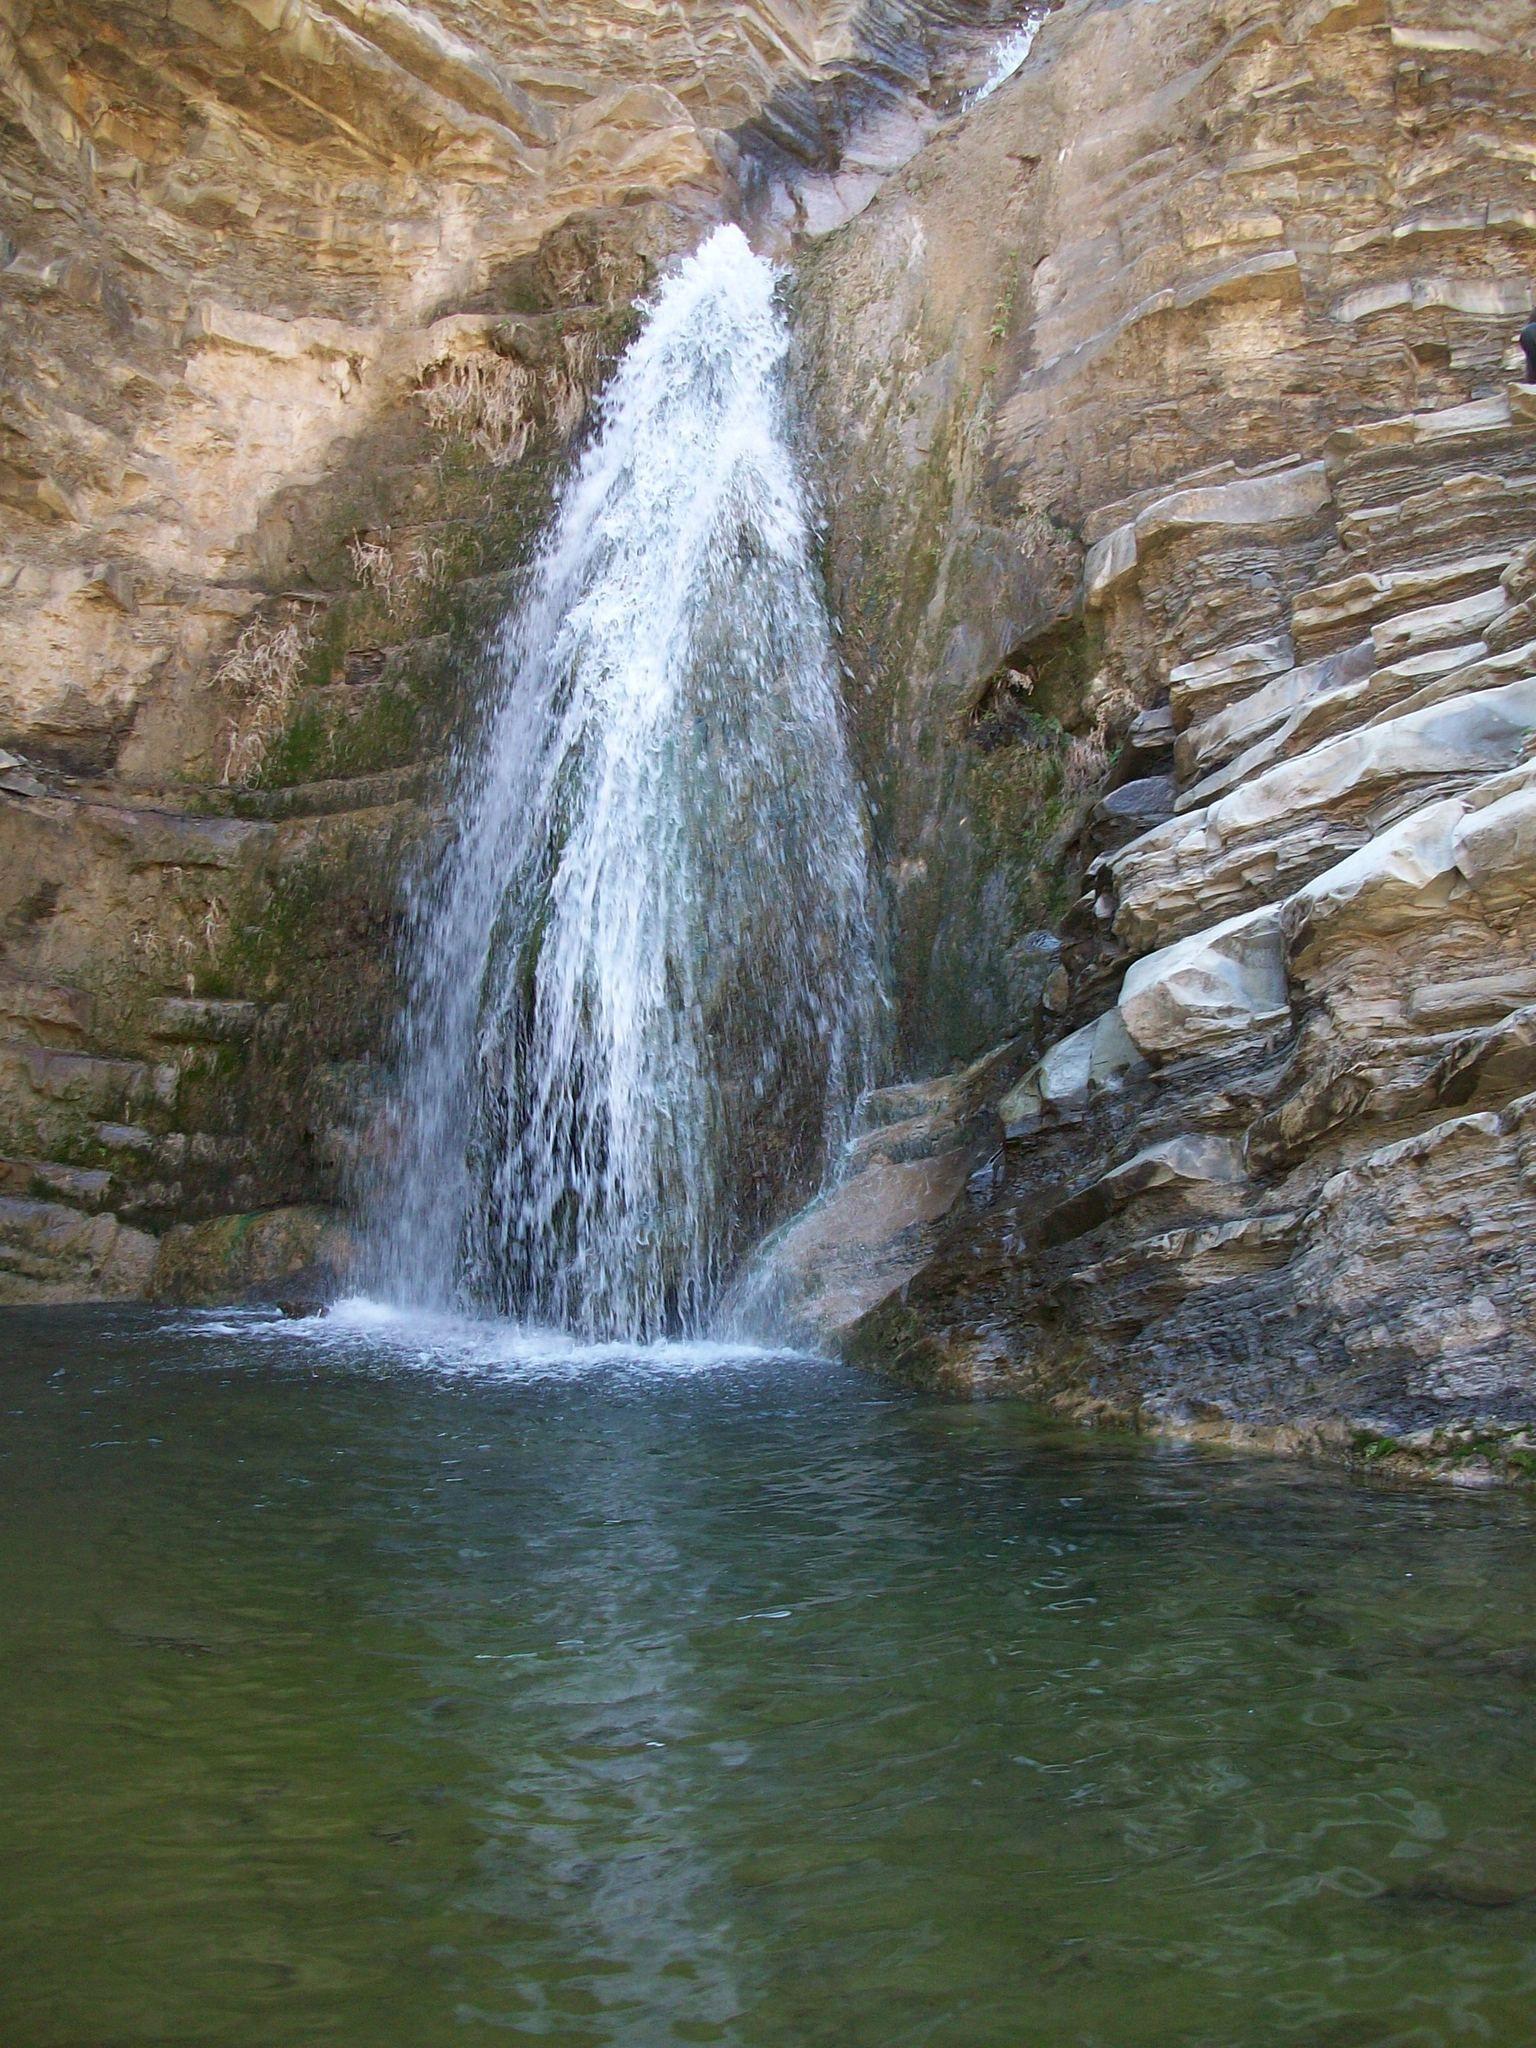 Matilija Canyon Trail near New Cuyama Santa